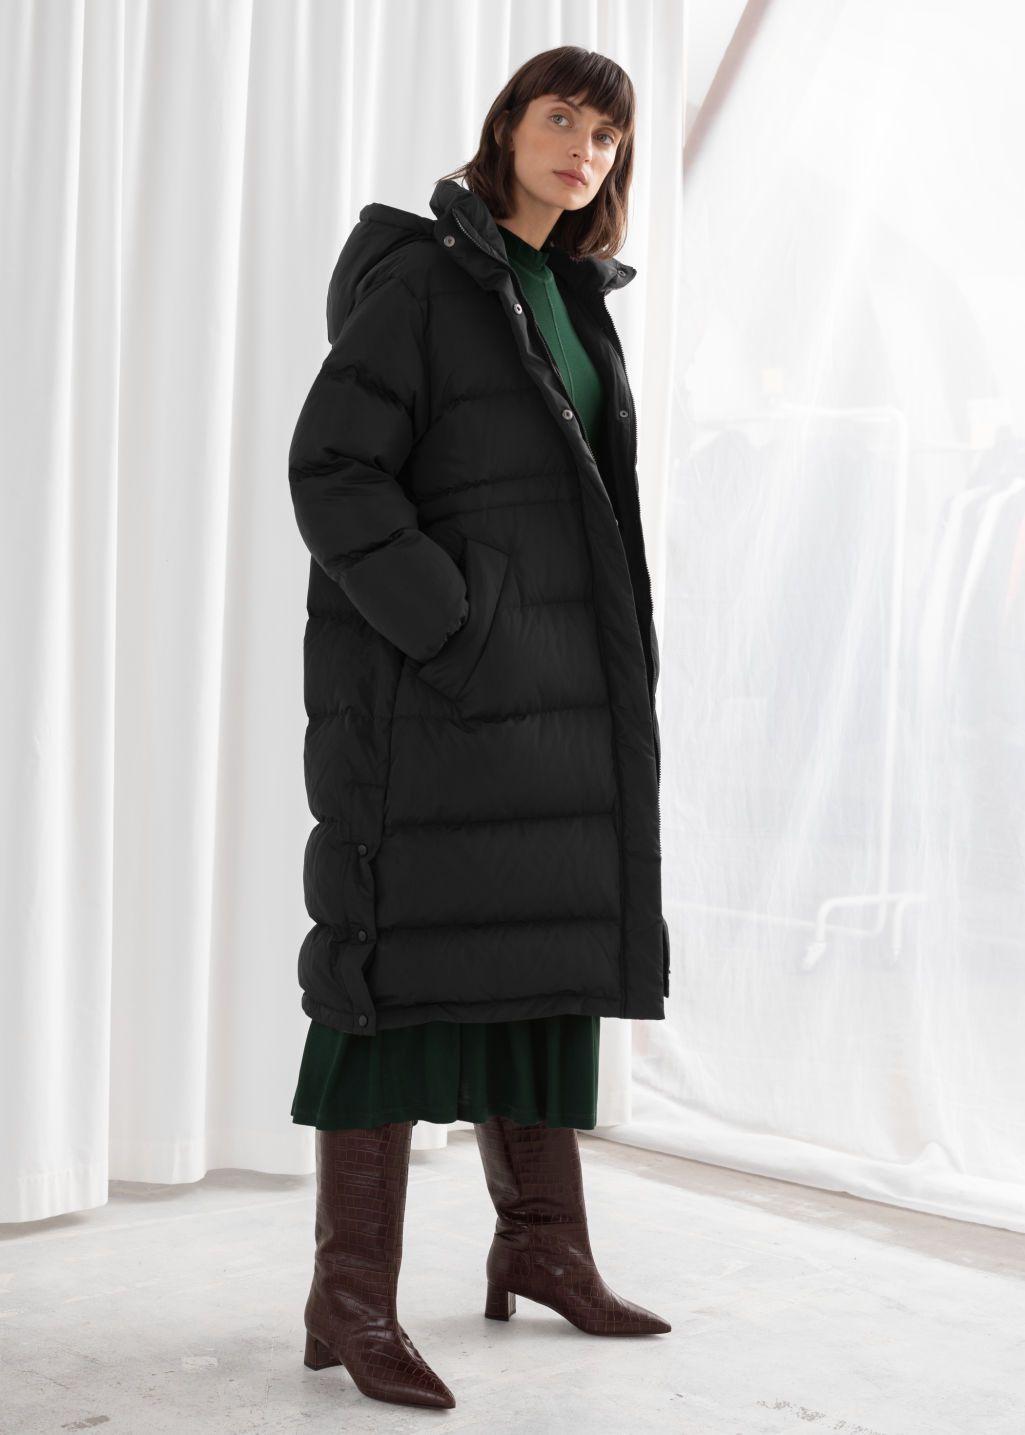 Hooded Down Puffer Coat Frakker Jakker [ 1435 x 1025 Pixel ]